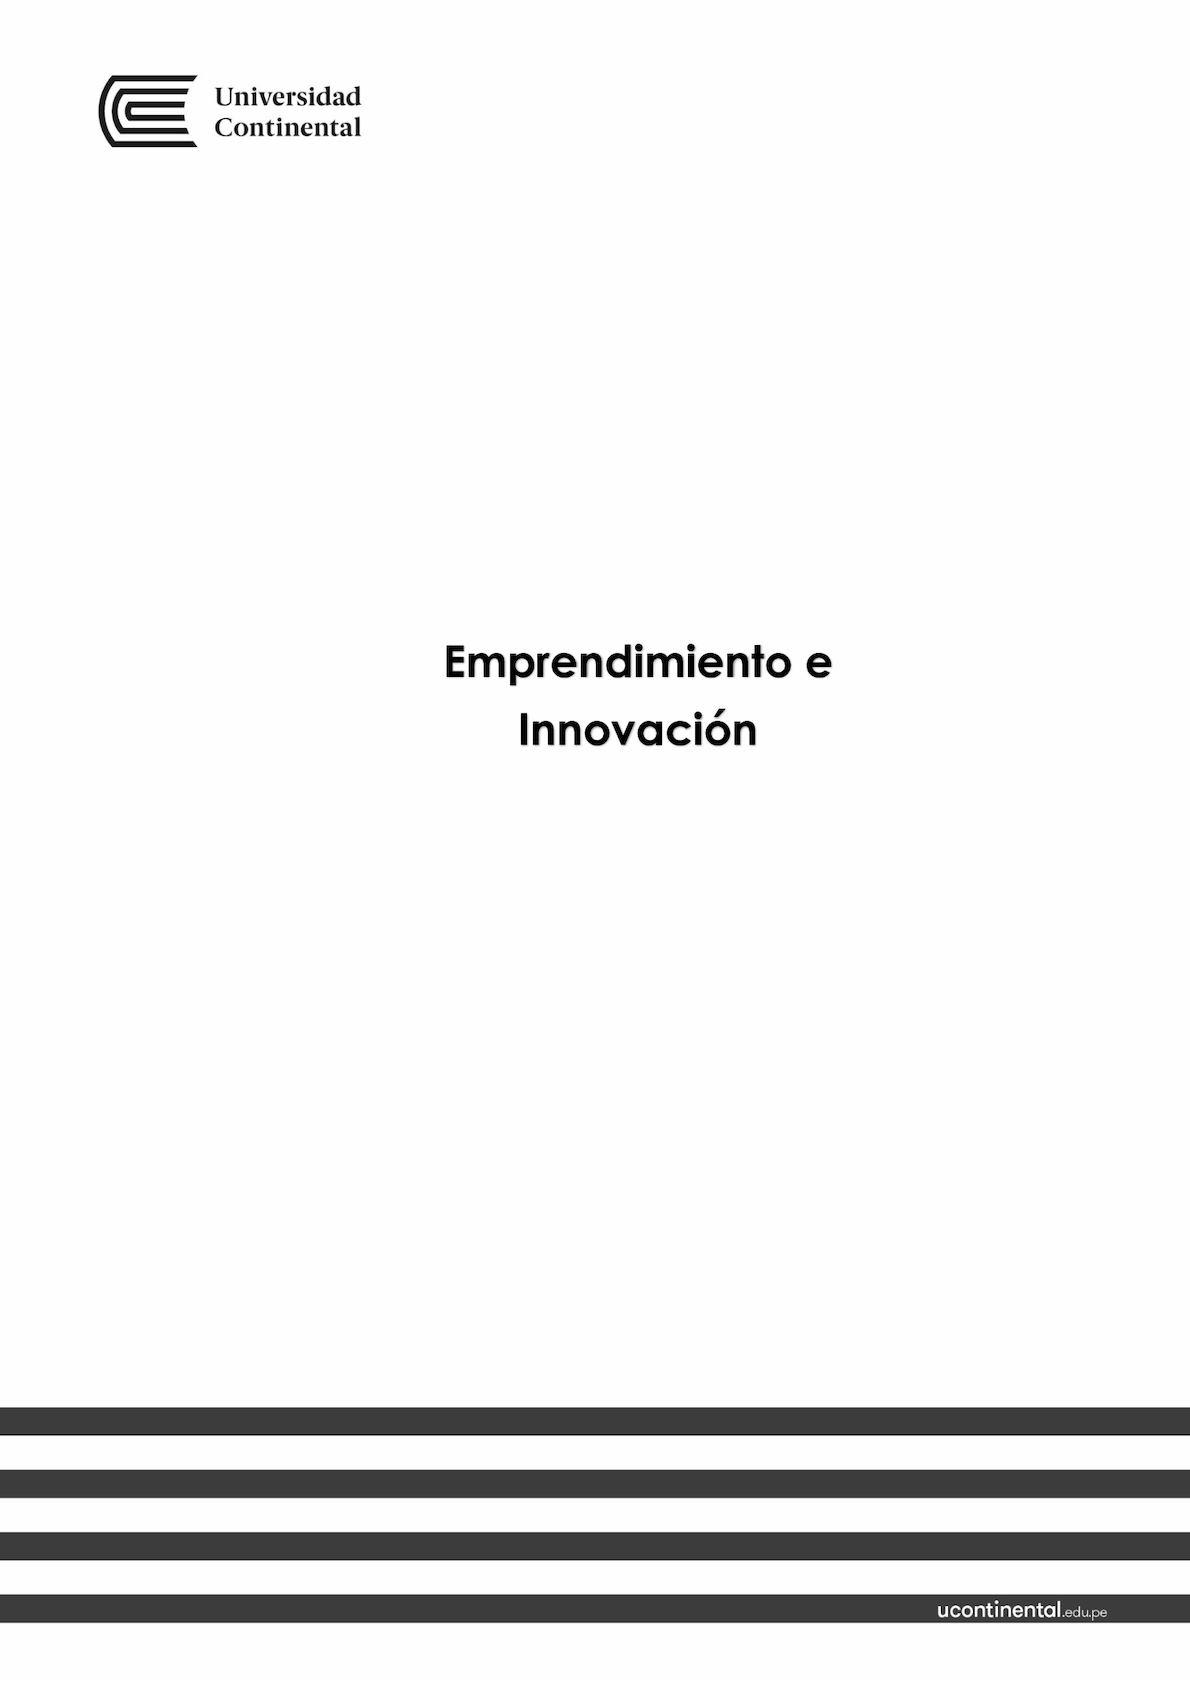 Calaméo - TEXTO DE EMPRENDIMIENTO E INNOVACIÓN